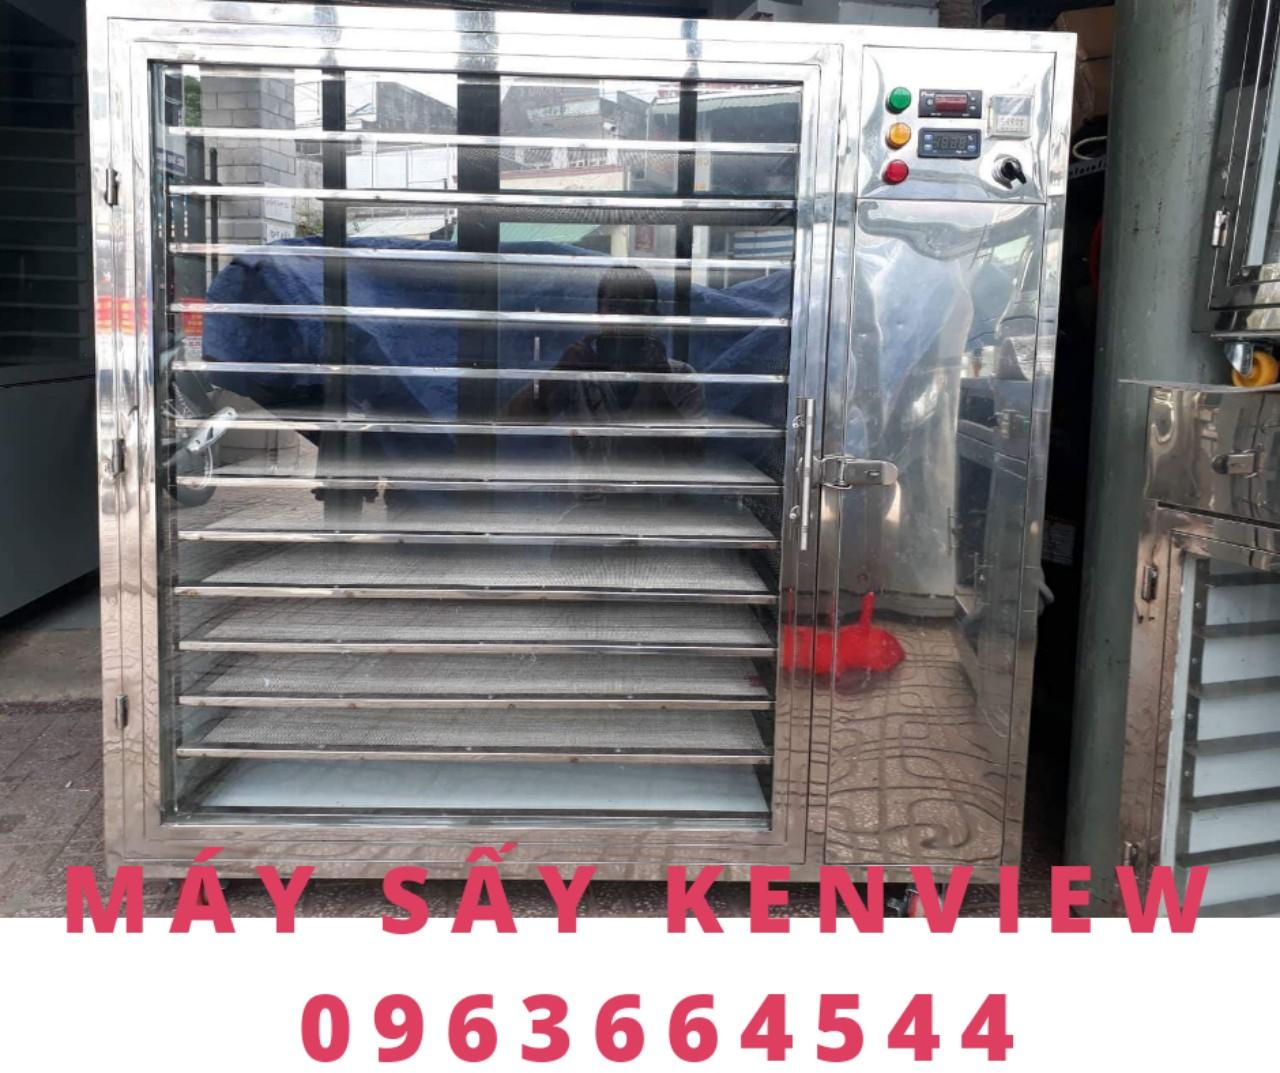 Cung cấp máy sấy thực phẩm ở Hà Nội – Máy sấy thực phẩm công nghiệp